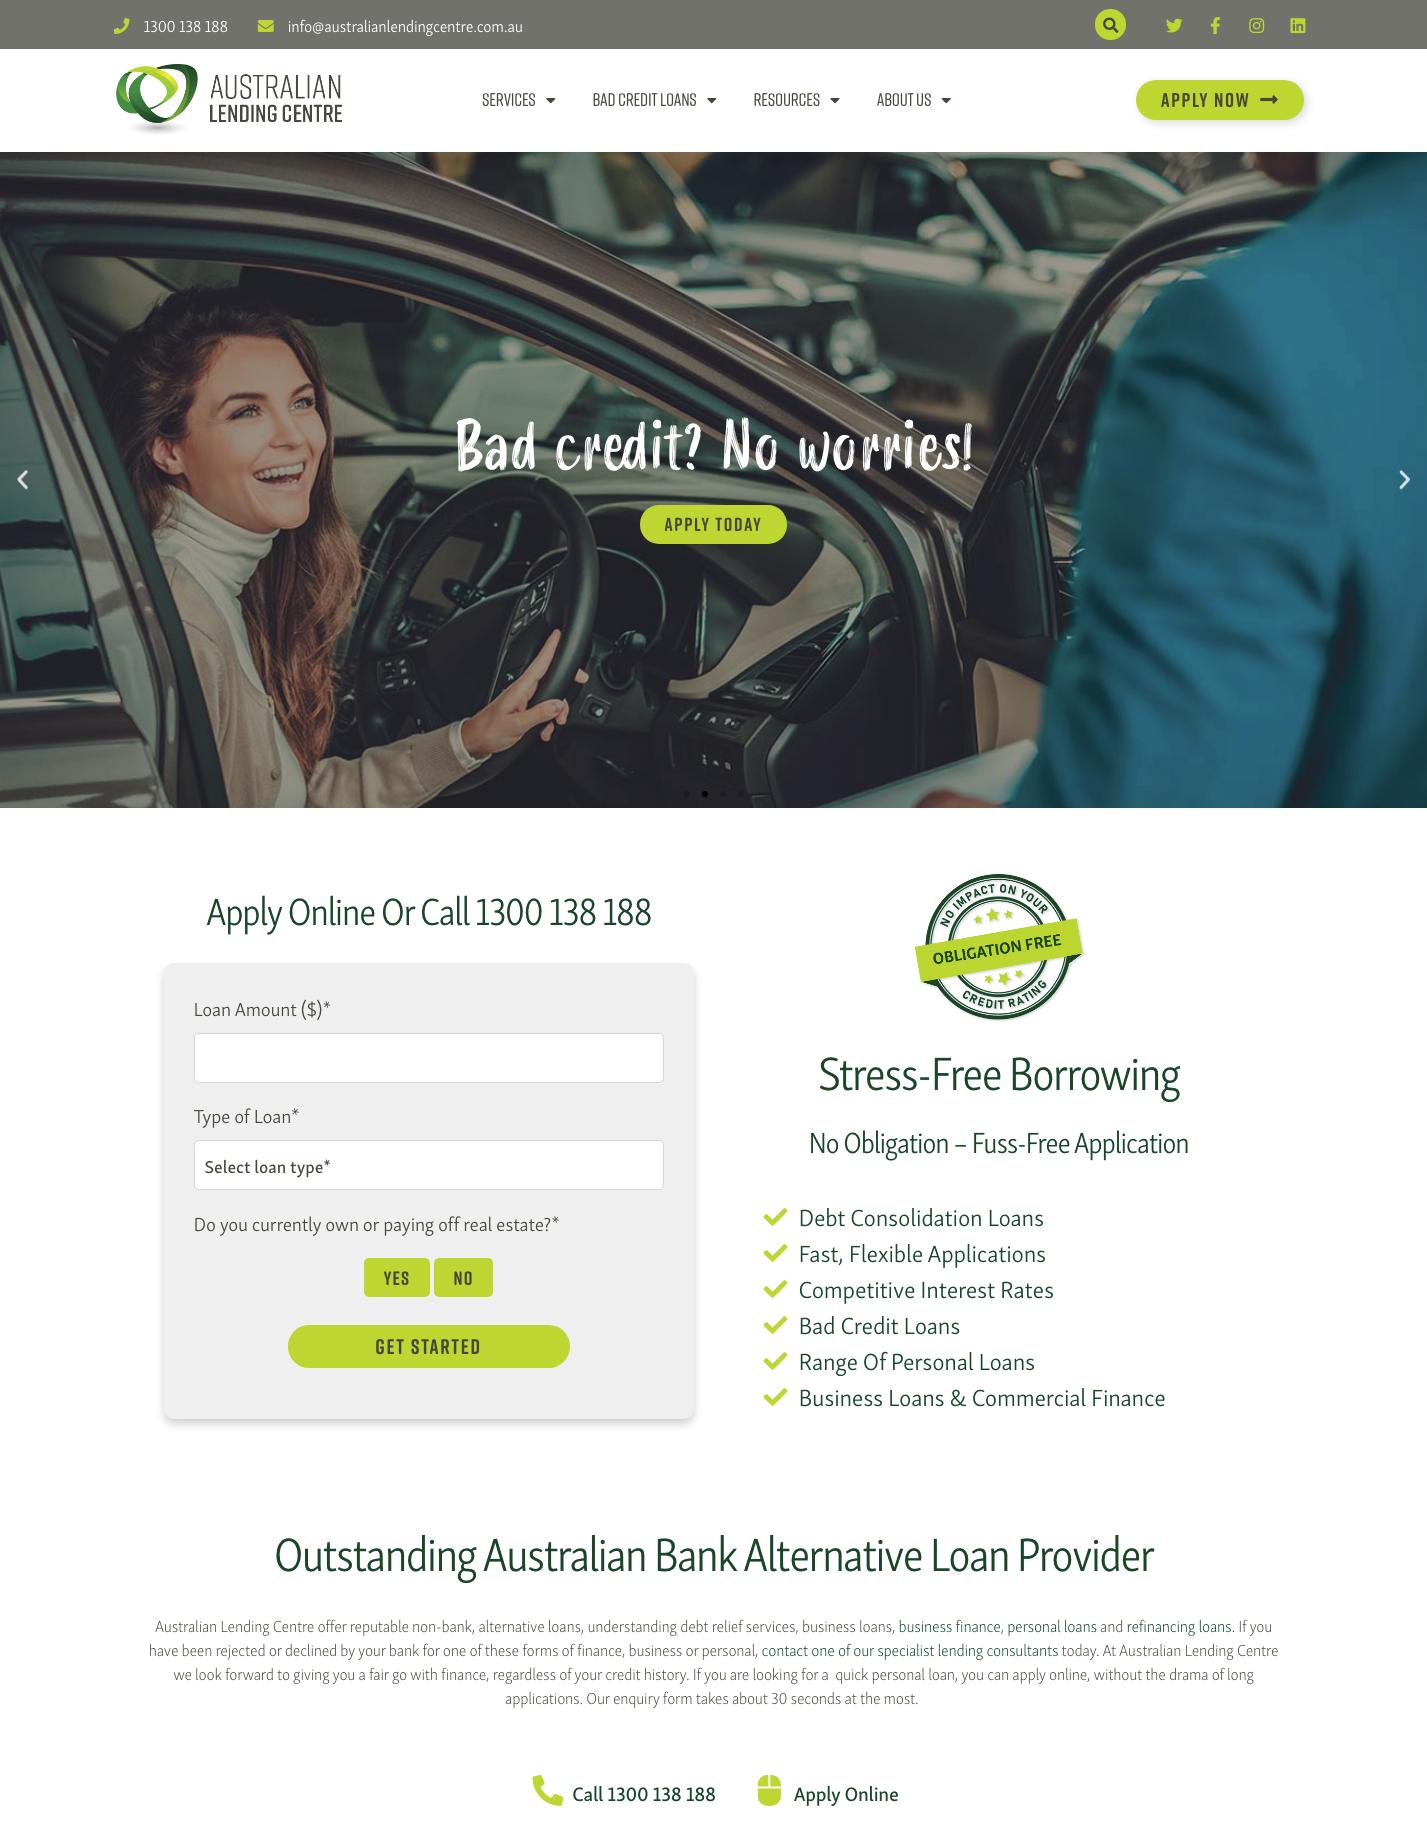 australianlendingcentre.com.au